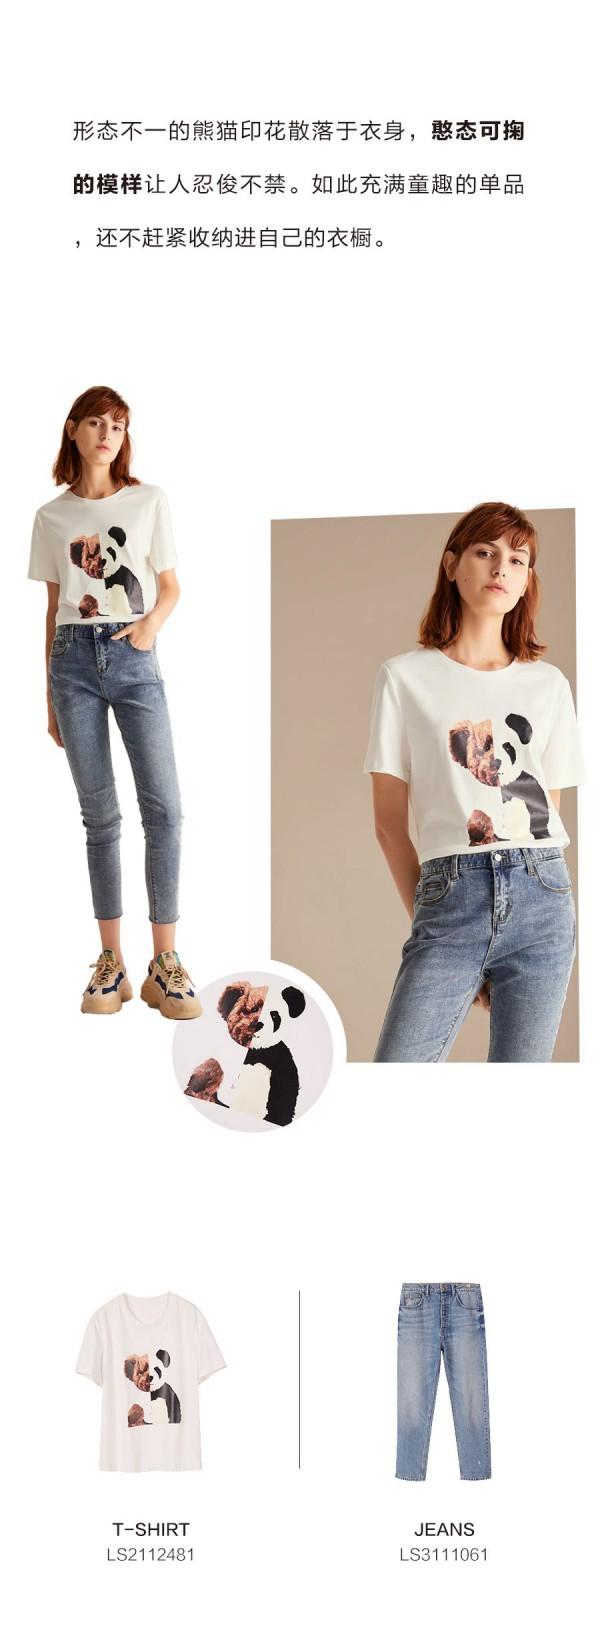 春意盎然 Get蓝色倾情「熊猫系列」衣橱